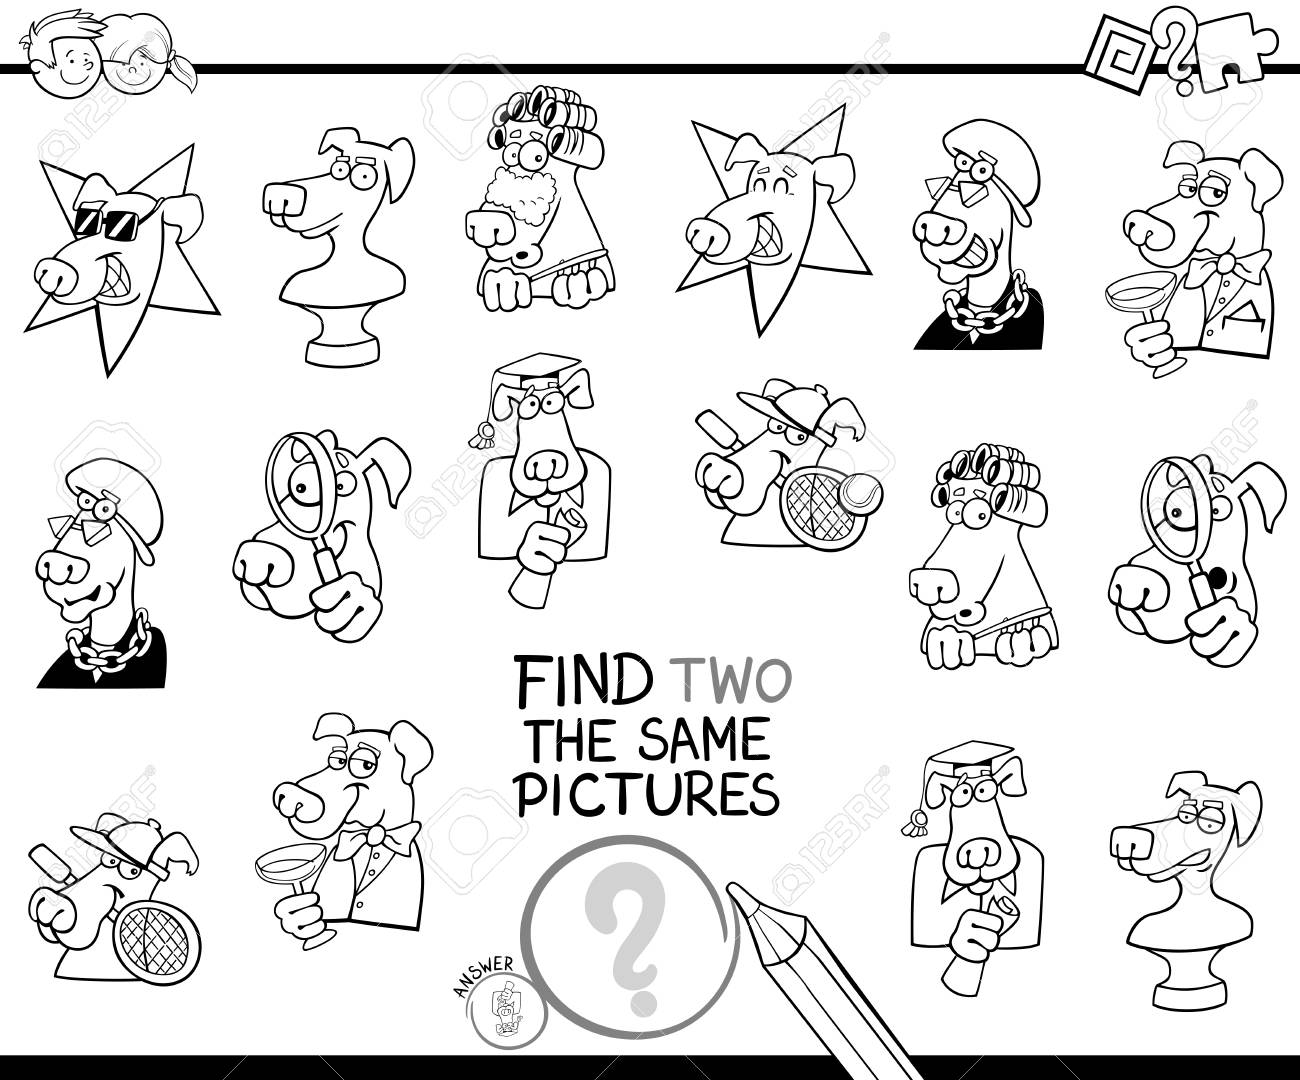 Ilustración De Dibujos Animados En Blanco Y Negro De Encontrar Dos